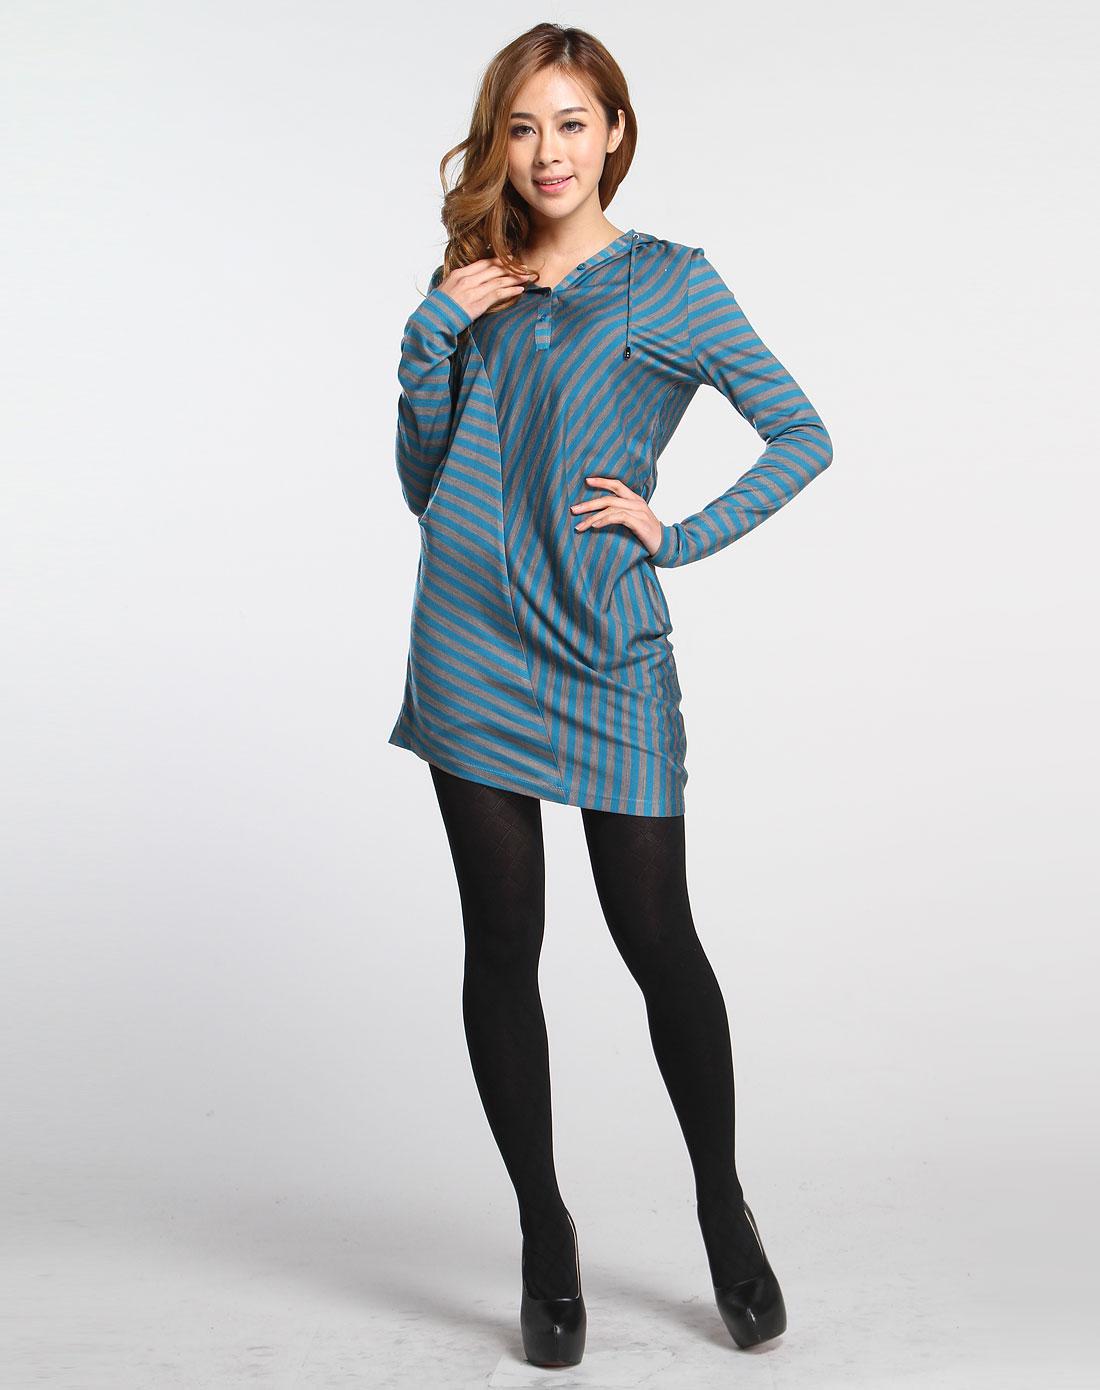 蓝绿/灰色连帽条纹时尚长袖针织衫